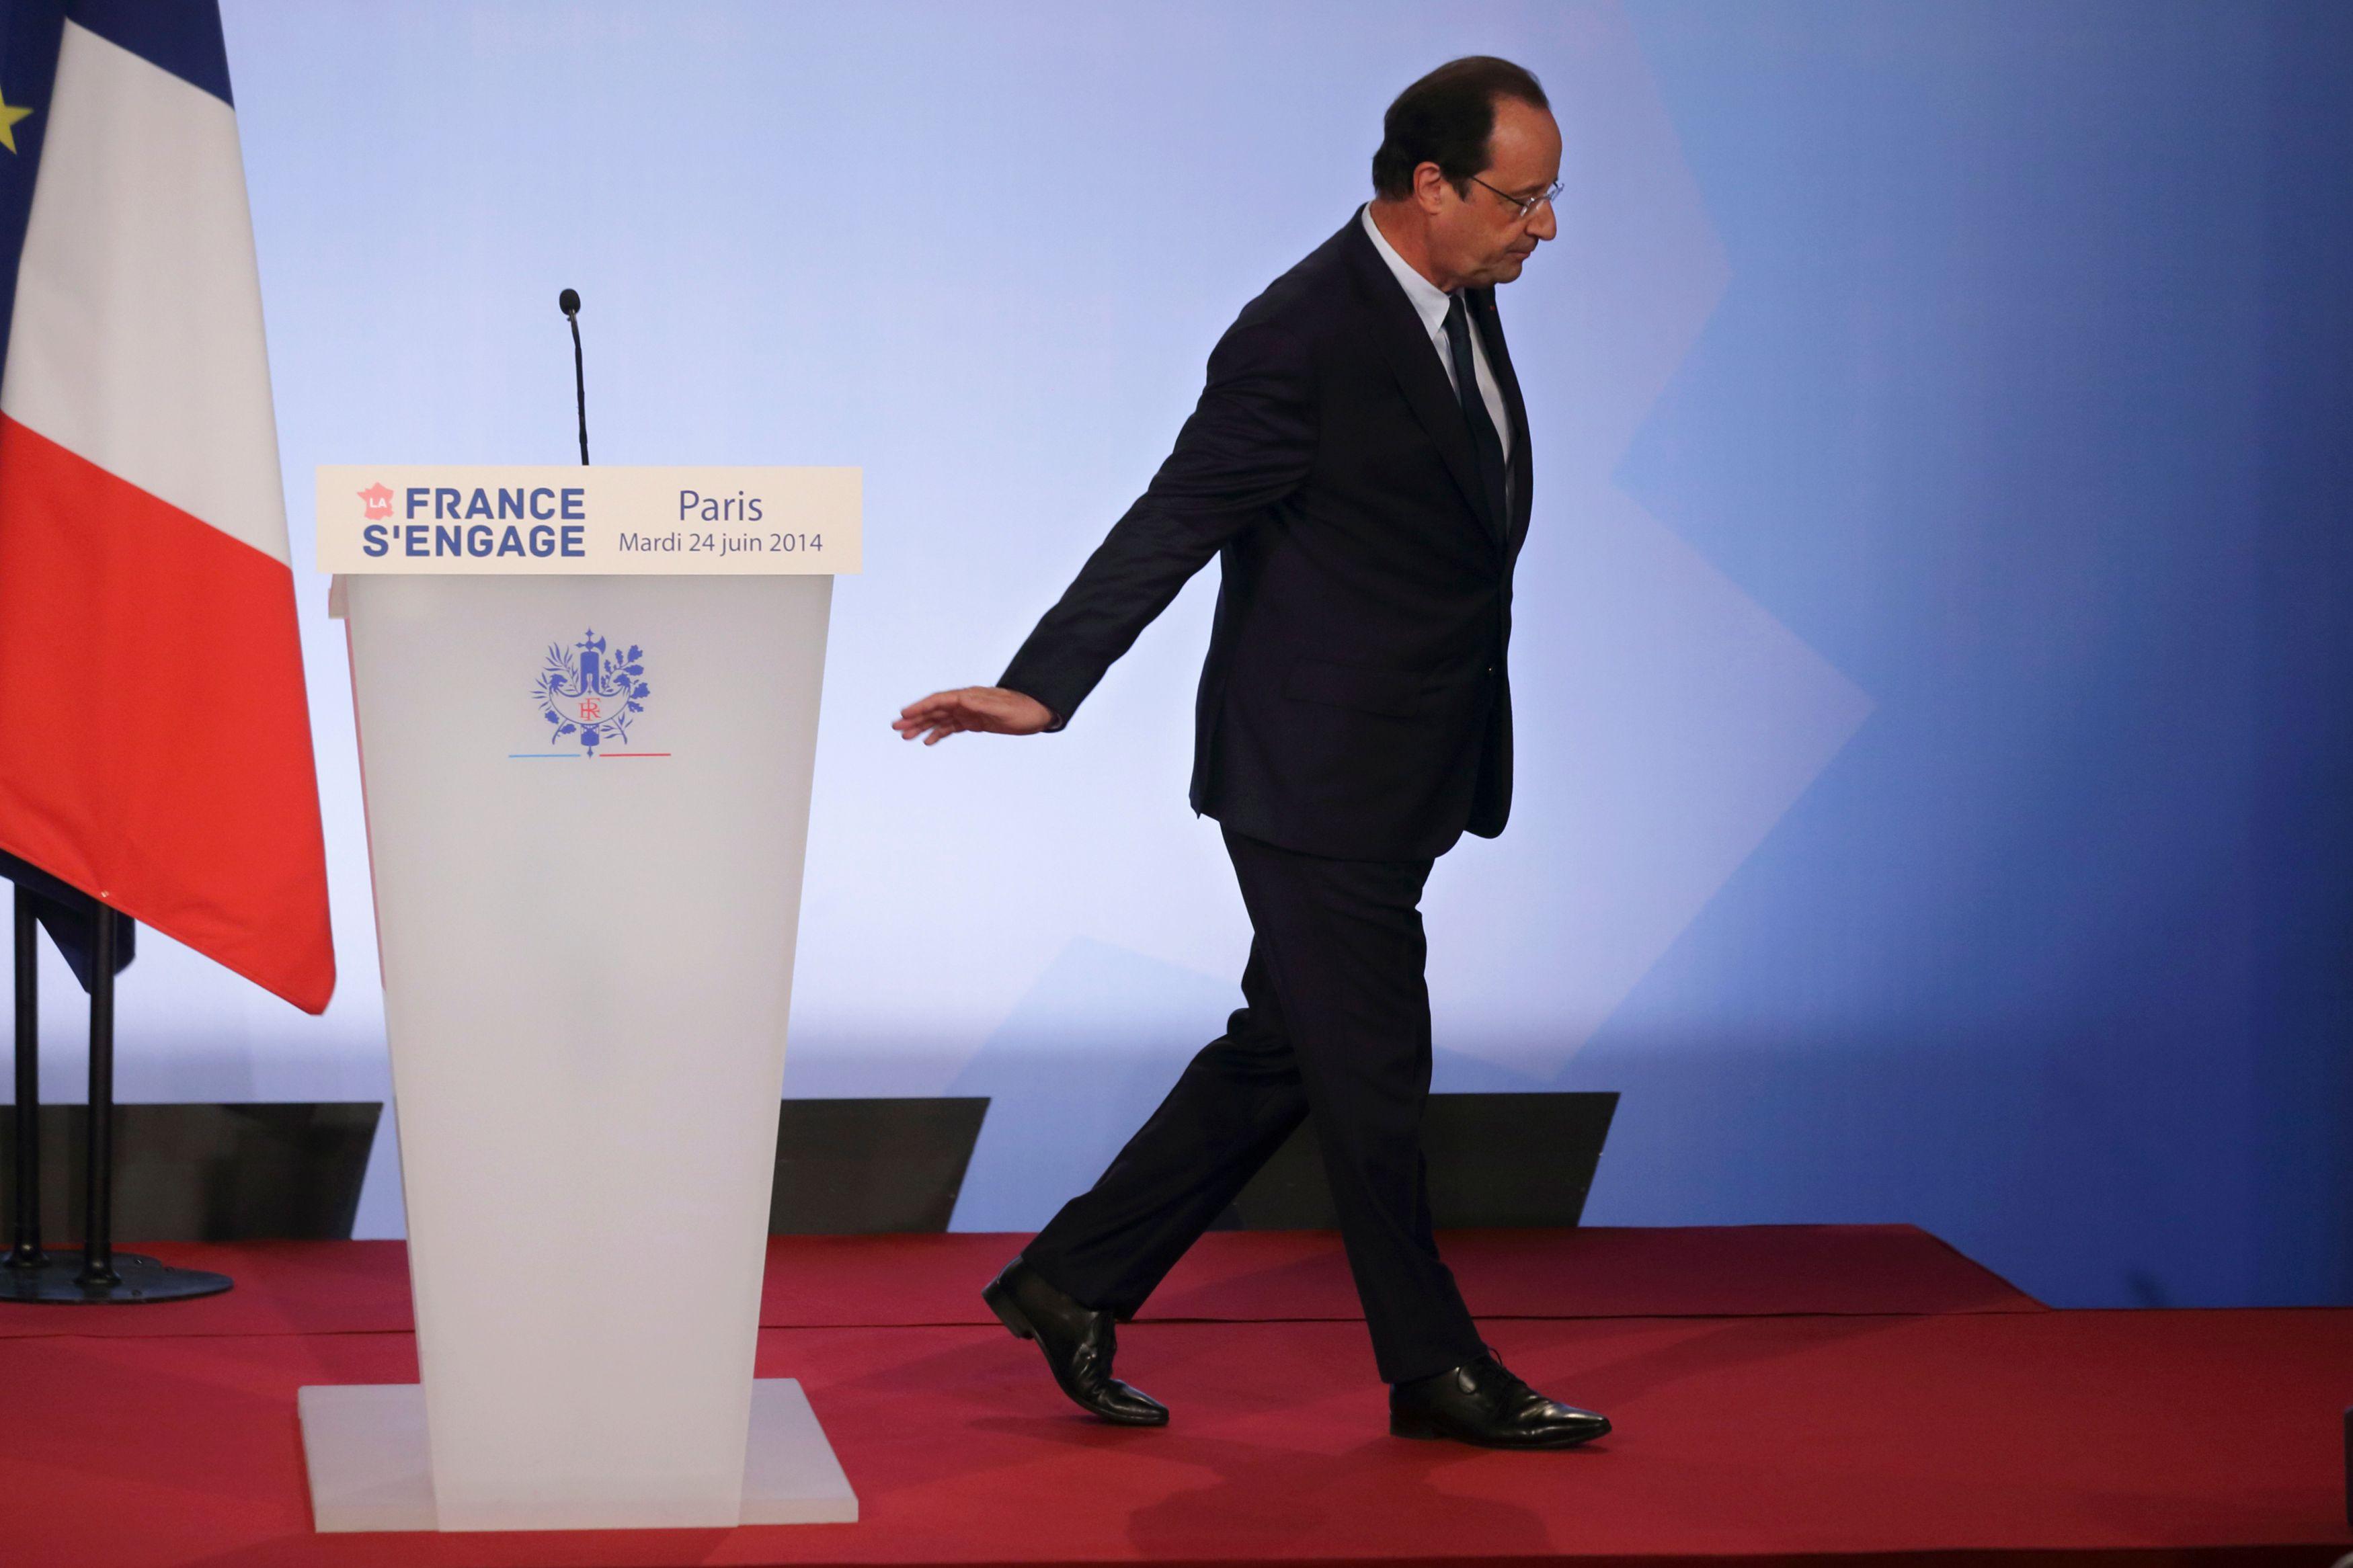 L'effacement relatif devenu absolu : la semaine où François Hollande est devenu invisible et inaudible